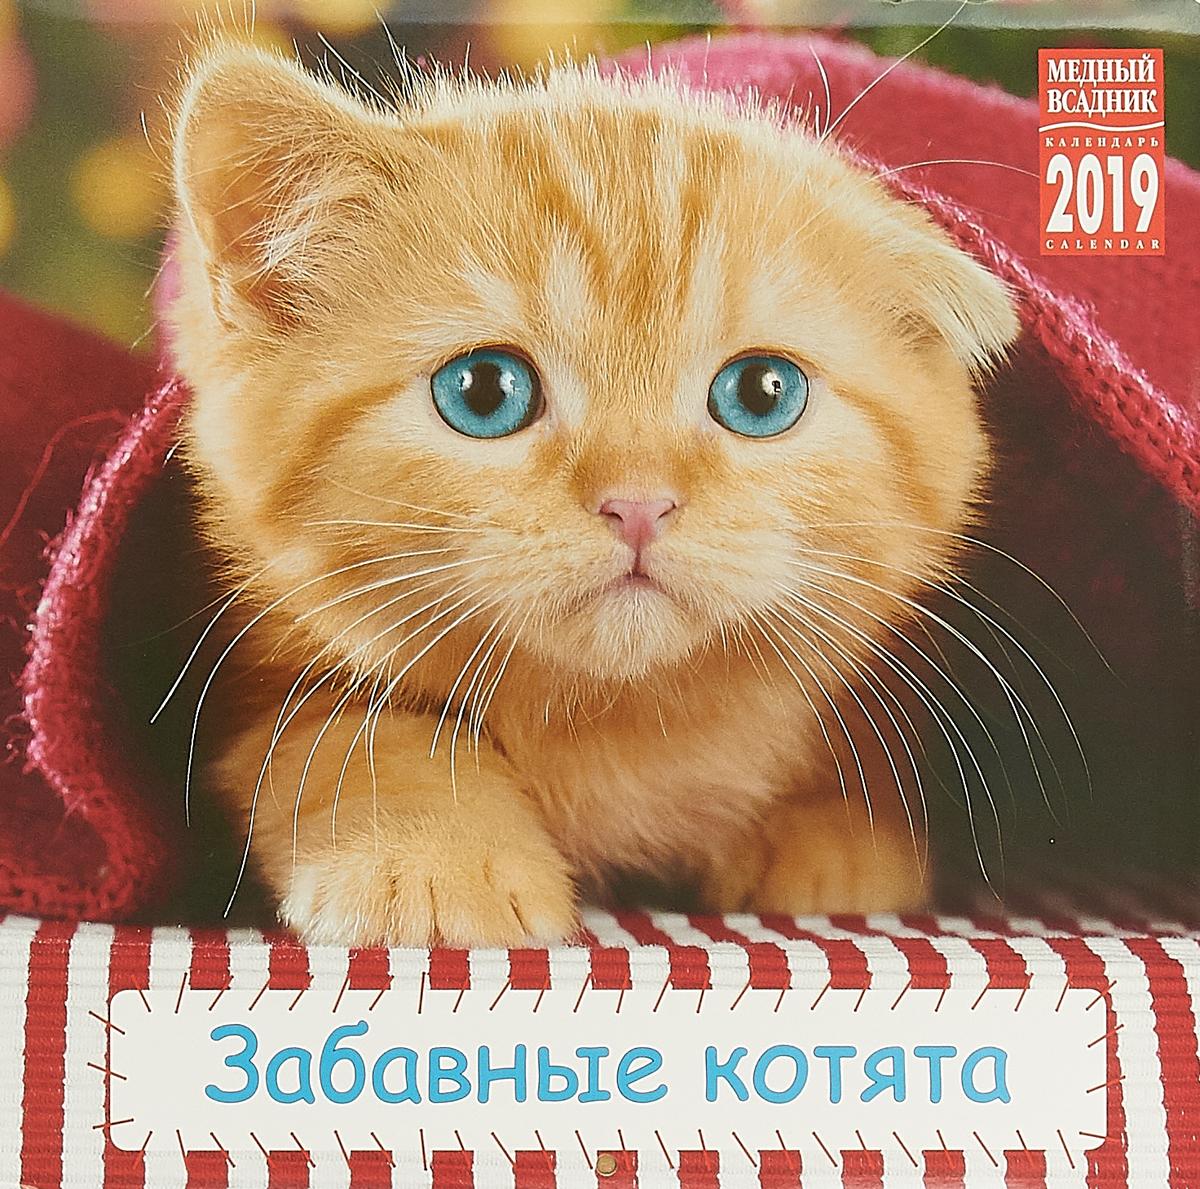 Календарь на скрепке на 2019 год. Забавные котята календарь на скрепке кр10 на 2019 год спб и пригороды 30 30см [кр10 19005]